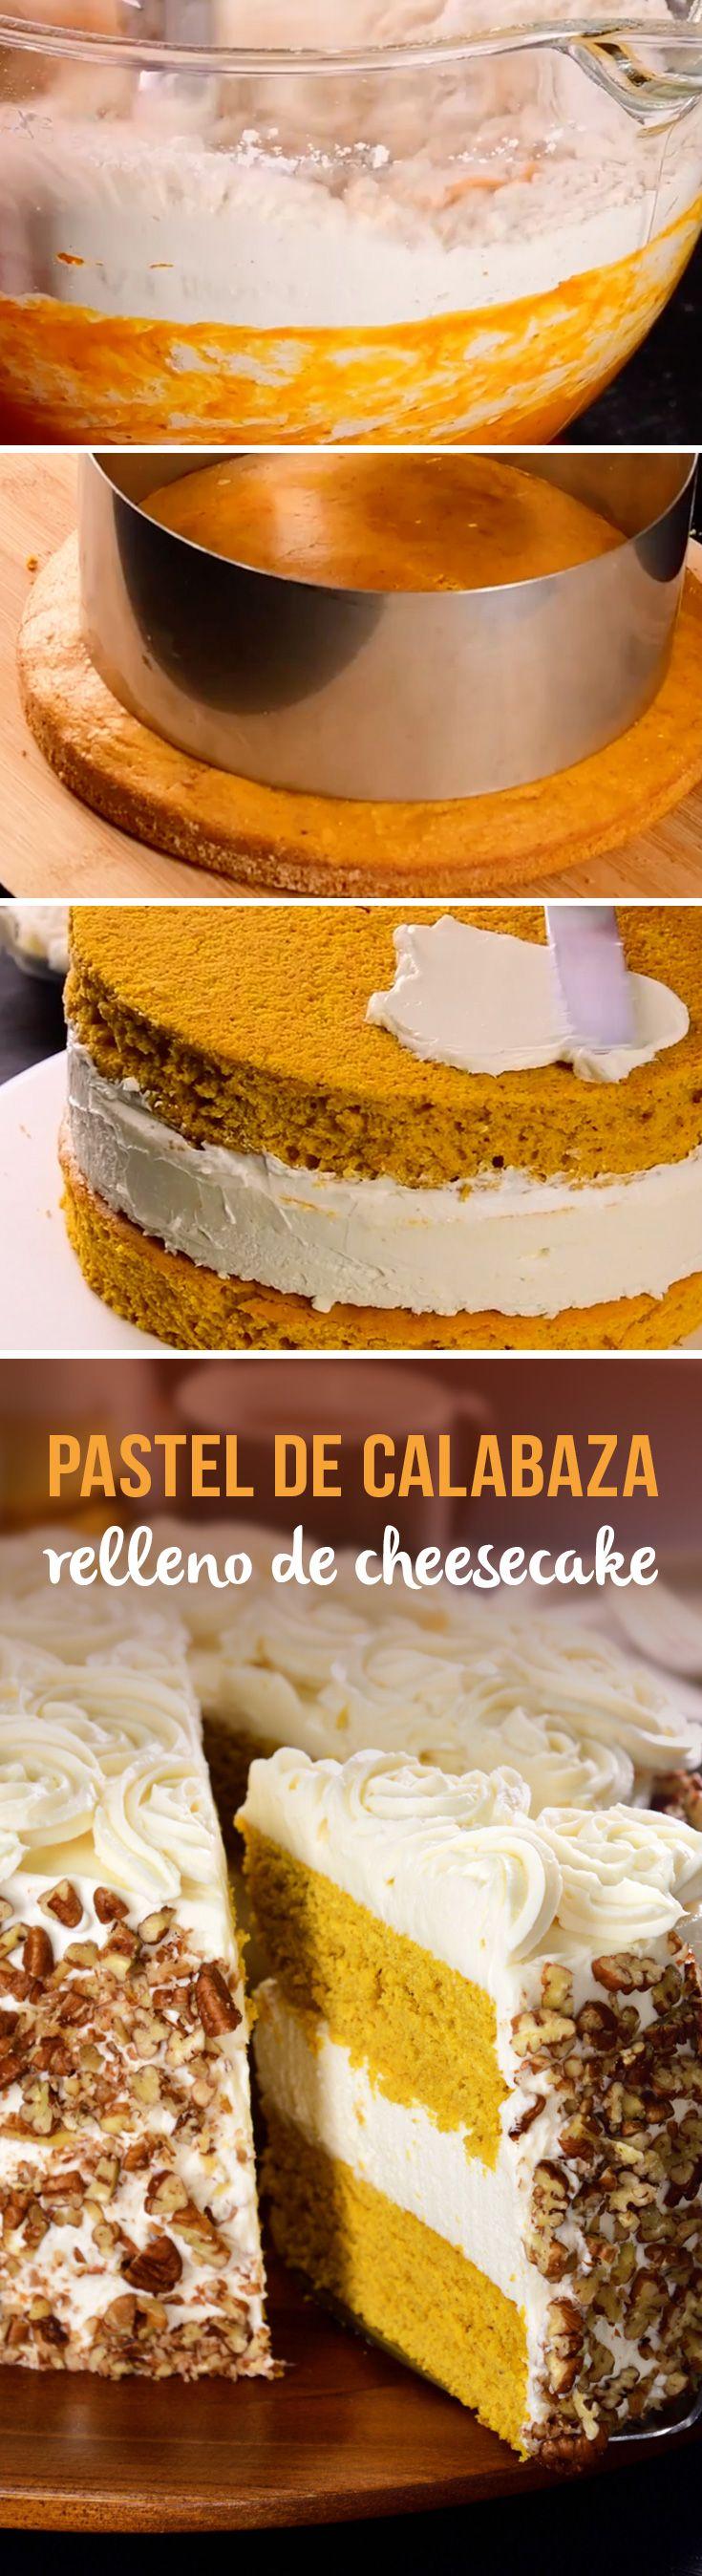 PASTEL DE CALABAZA RELLENO DE CHEESECAKE